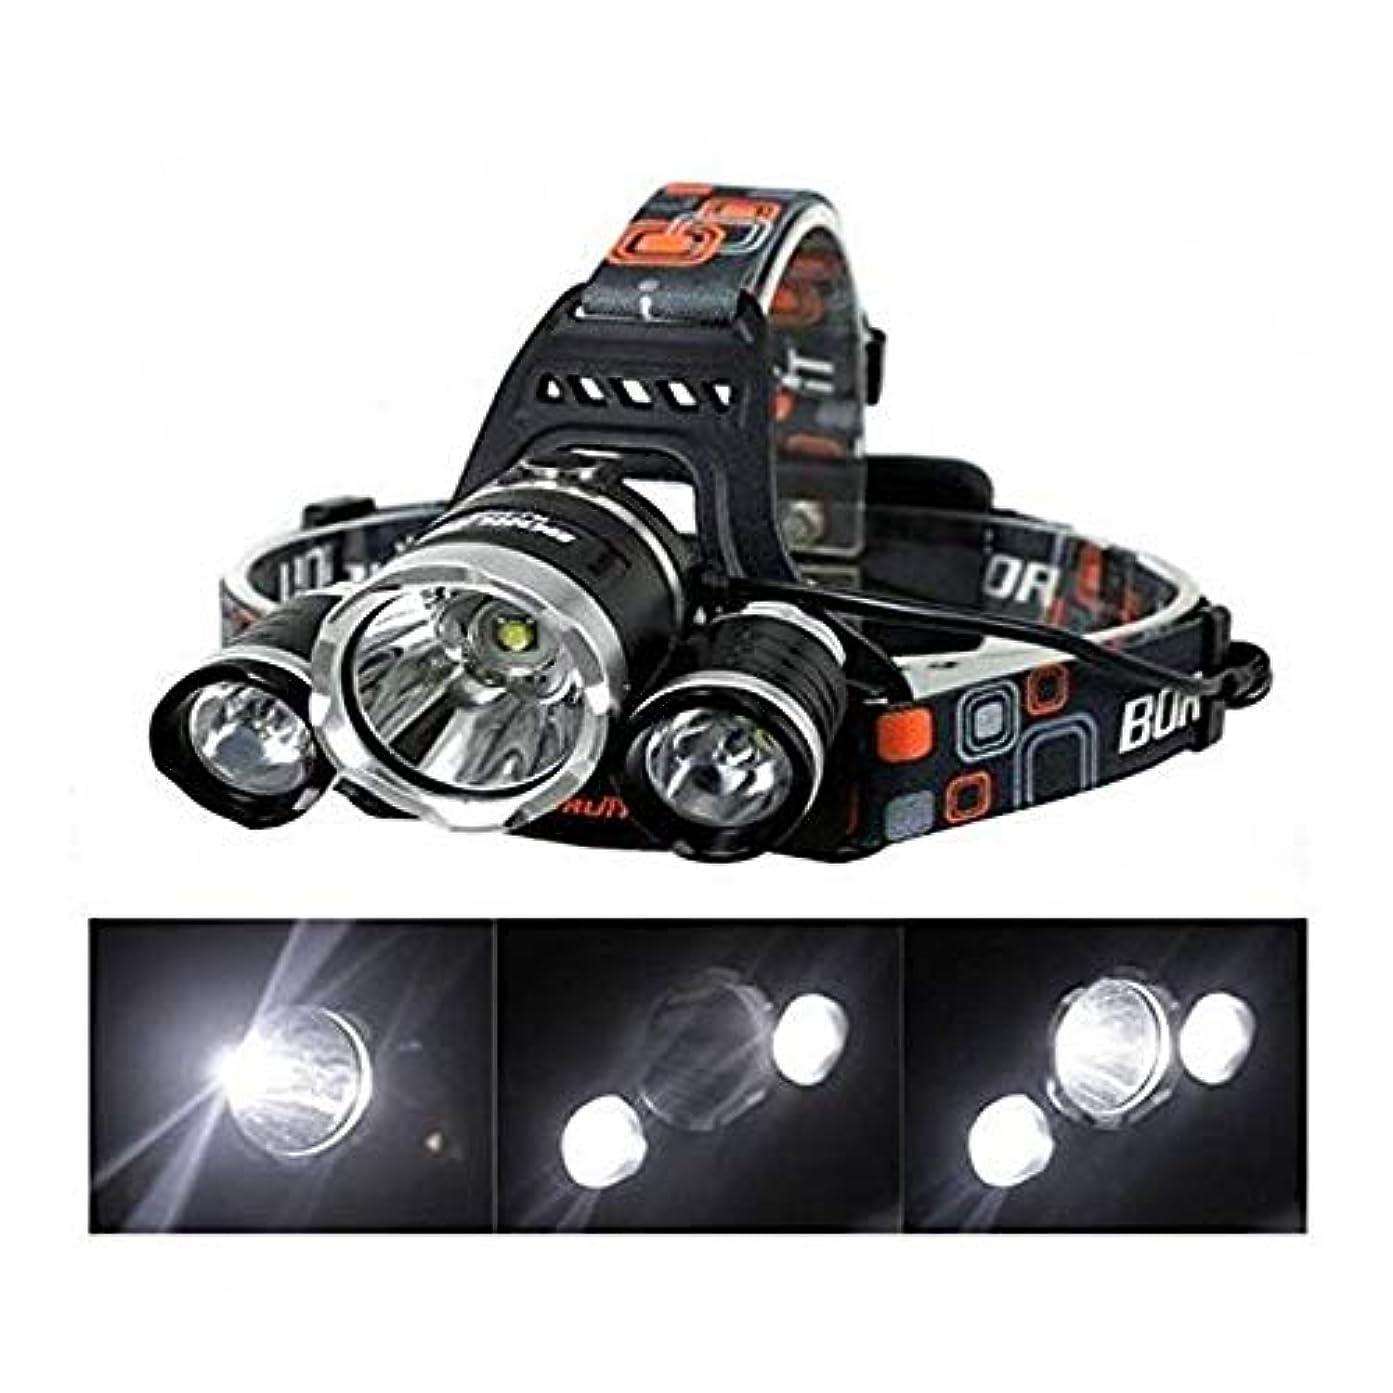 より多い読み書きのできないギャップMR ヘッドライト LEDライト アウトドア キャンプ 多機能 防水超強力 5000LM 4点灯モード 登山 夜釣り MR-CYUBEREI